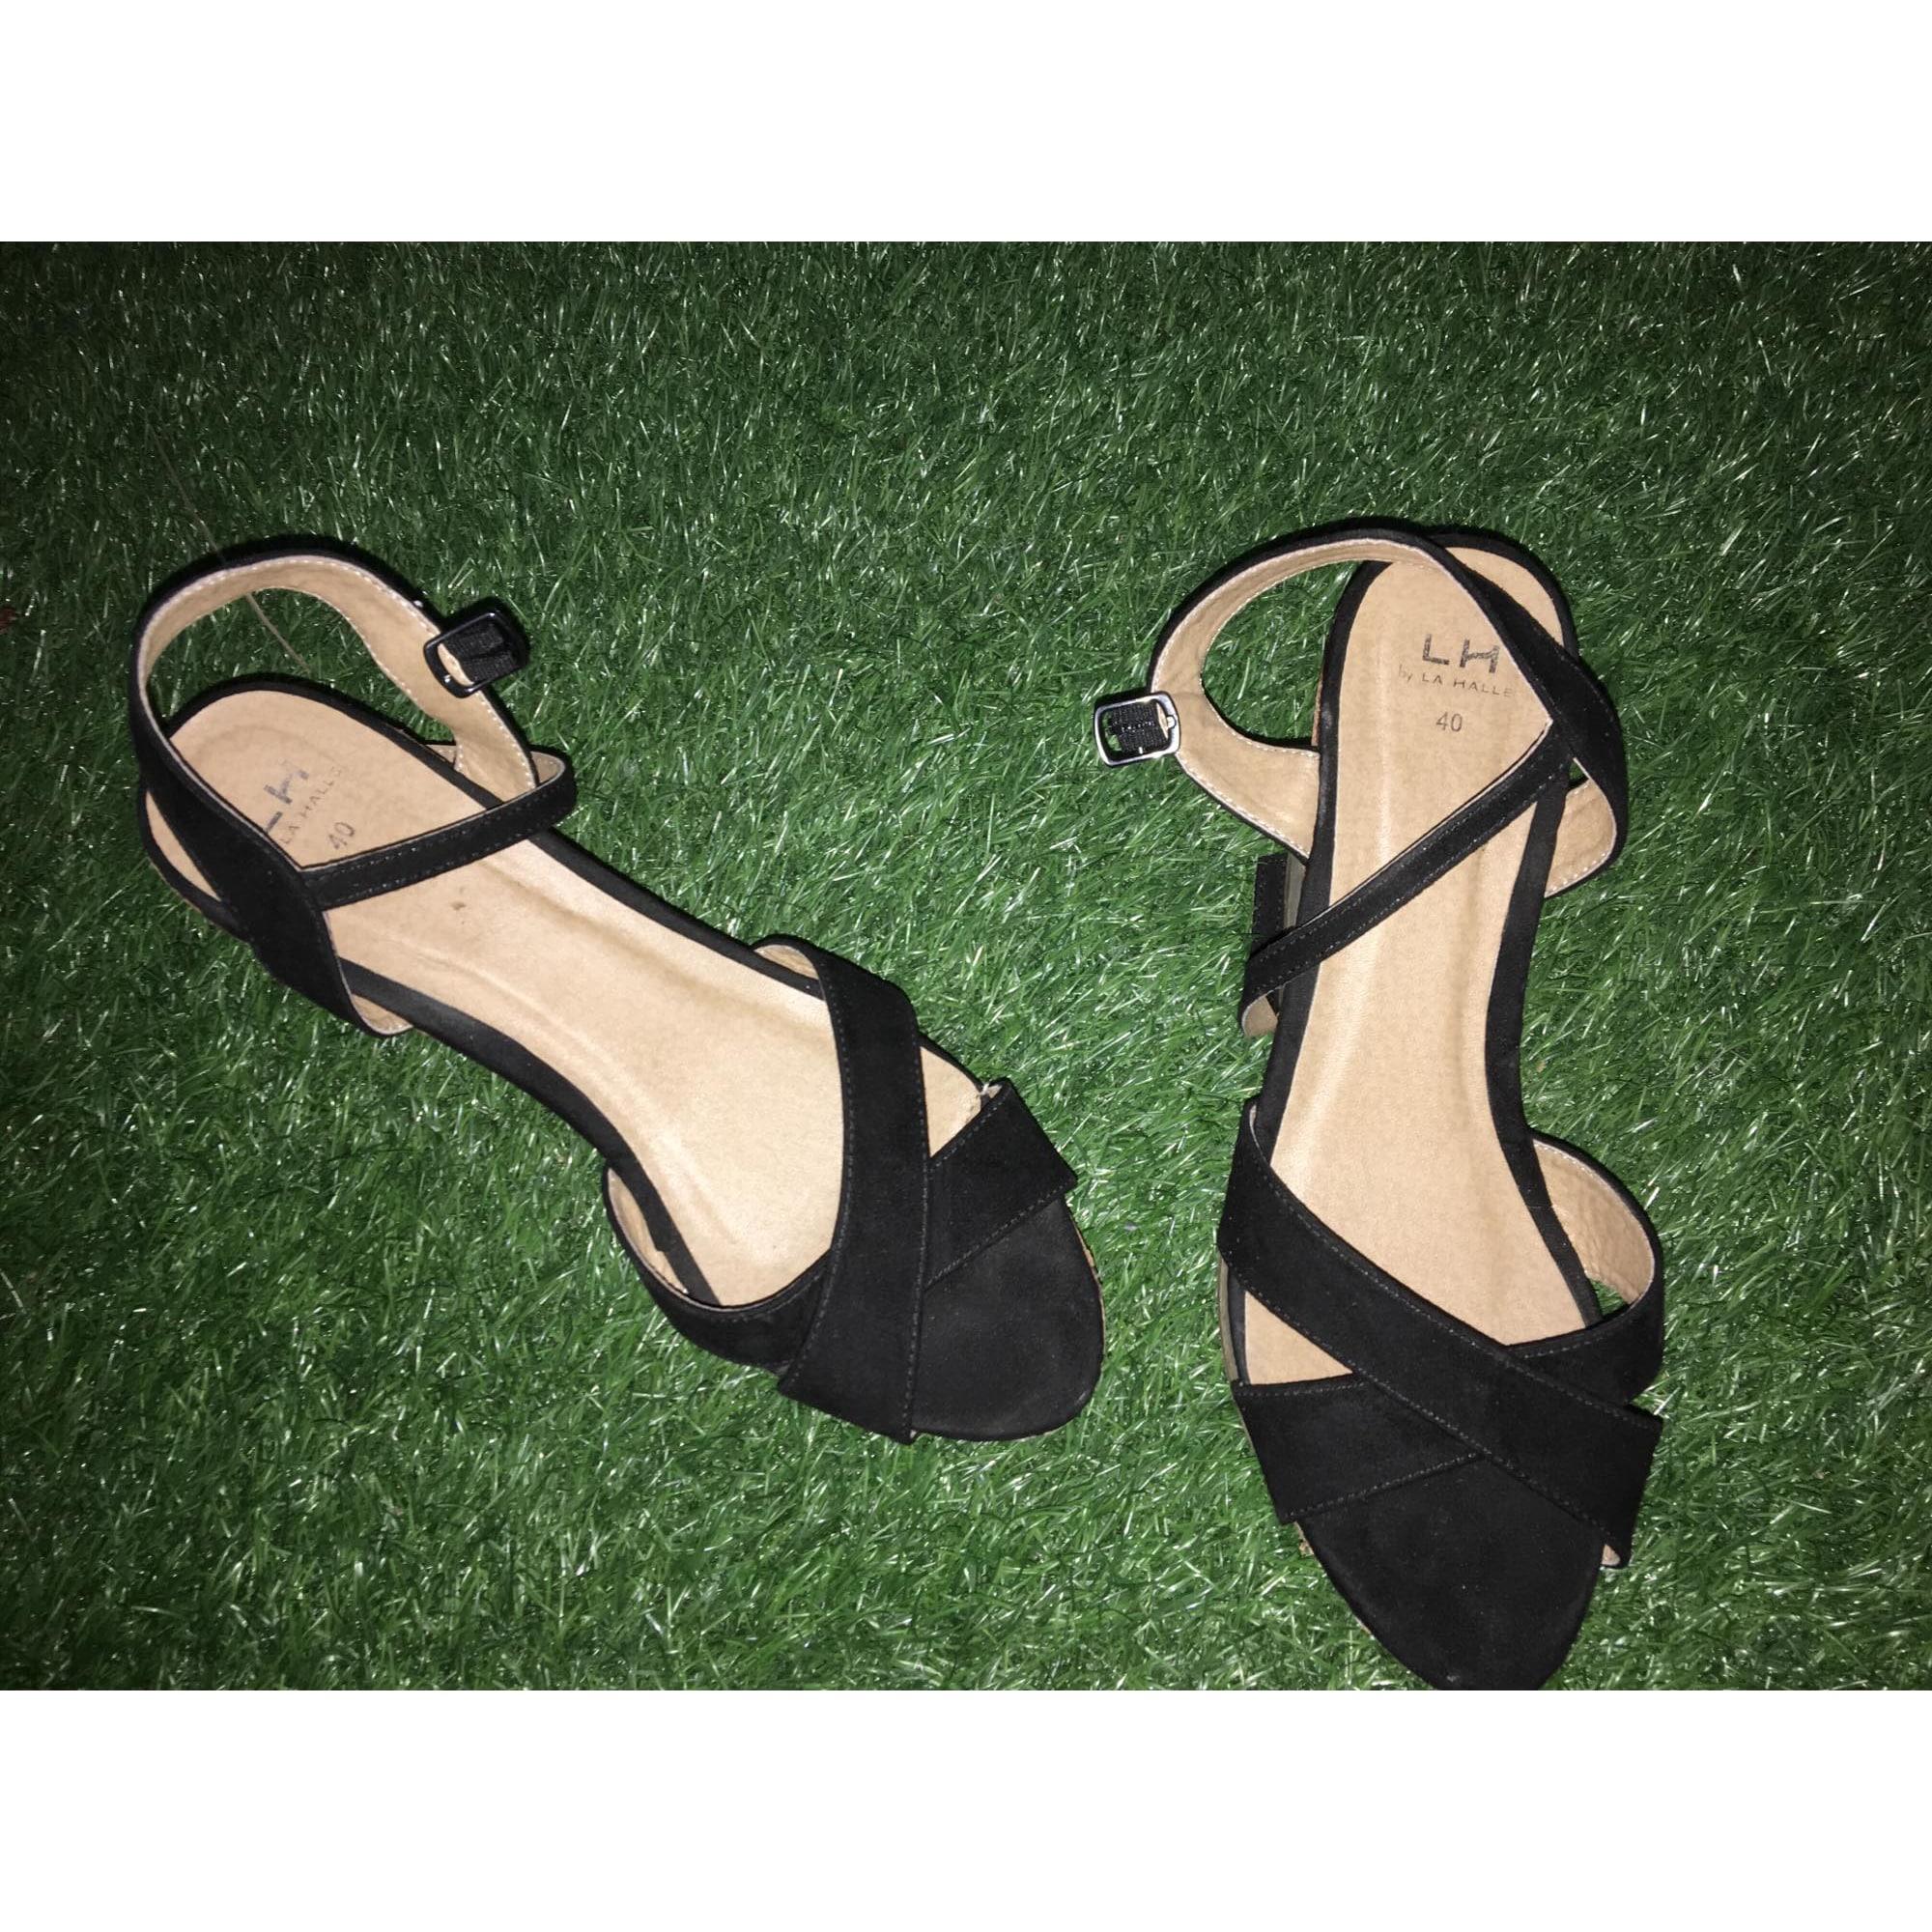 Compensées Halle 40 Sandales Aux Chaussures La Noir 7641407 FJTl1Kc3